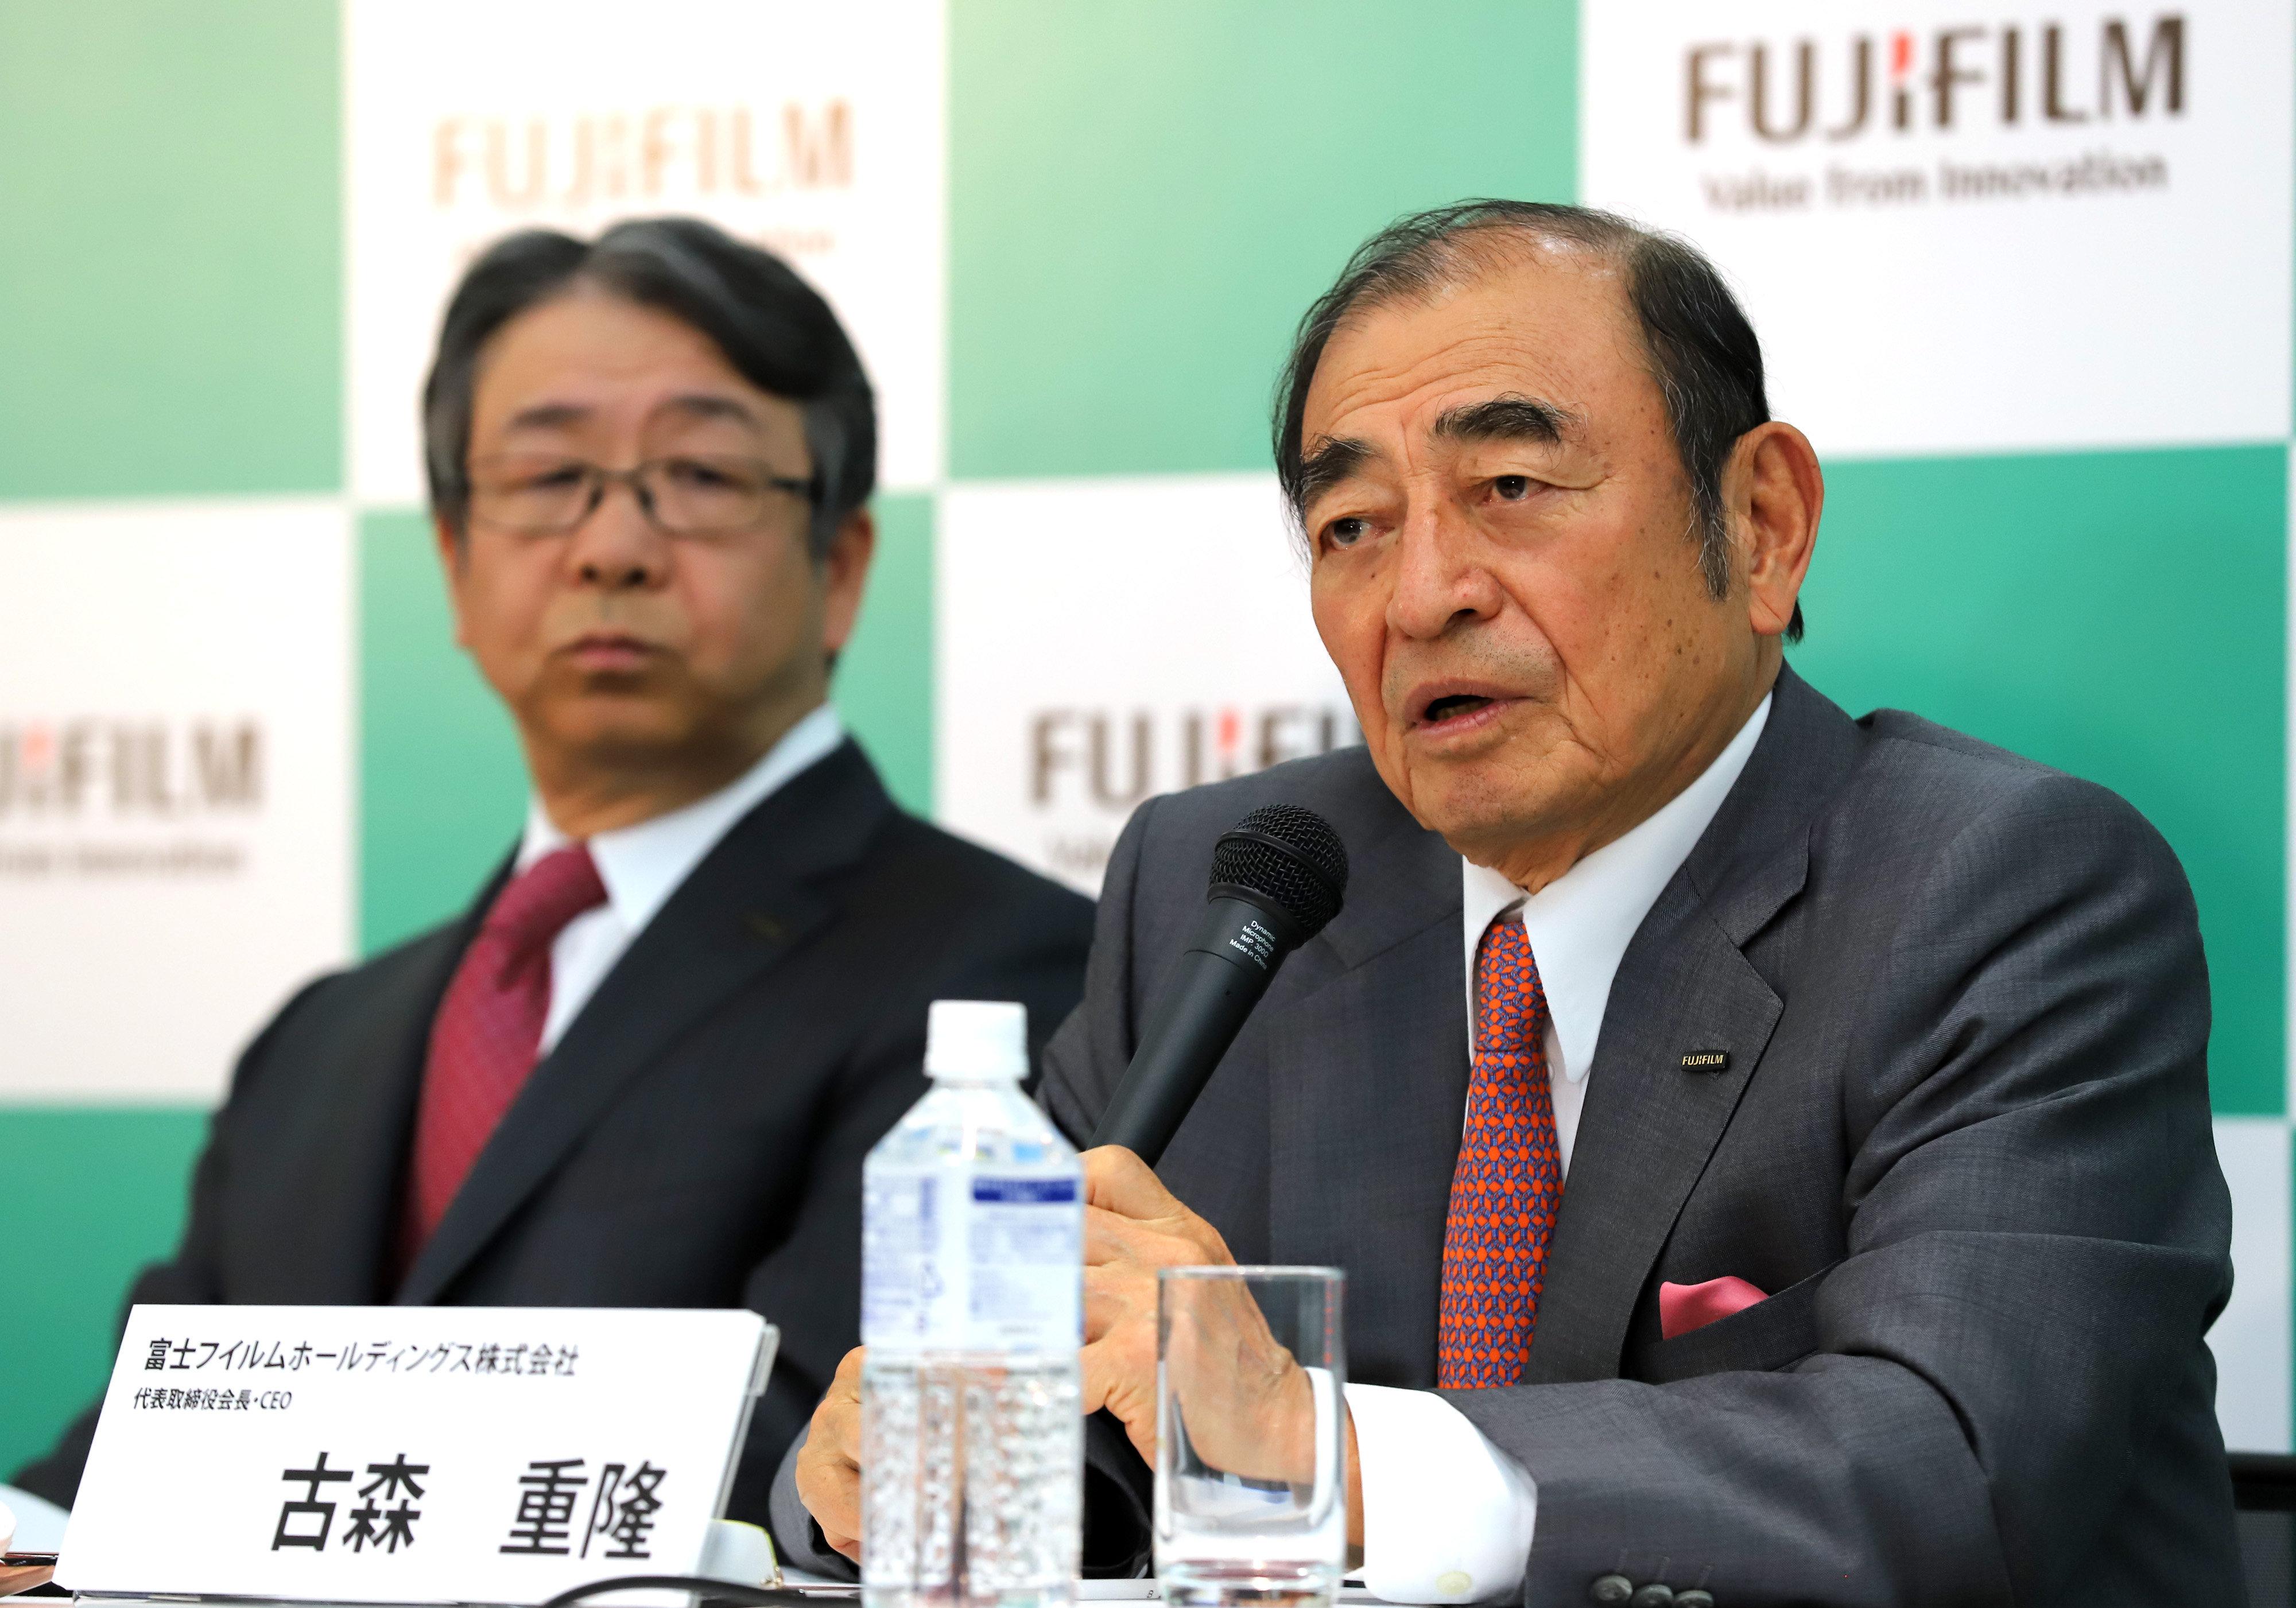 富士フイルム古森会長、買収座礁の説明求める株主を「無視」…ゼロックスと対抗路線へ転換かの画像1